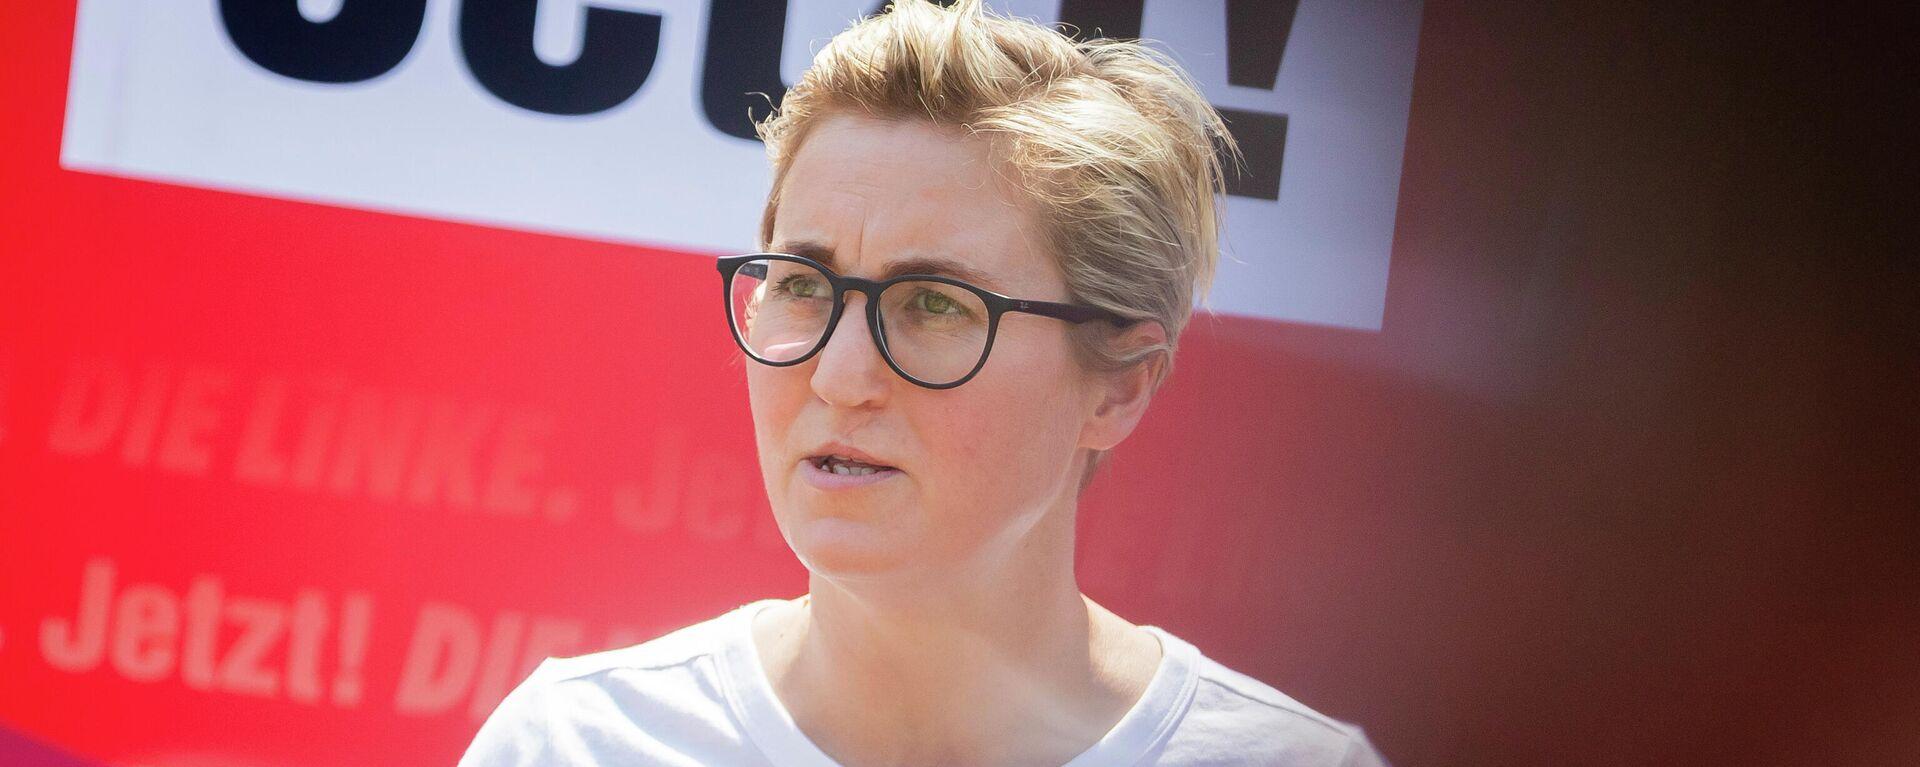 Die Vorsitzende der Linken Susanne Hennig-Wellsow (Archivfoto) - SNA, 1920, 04.09.2021